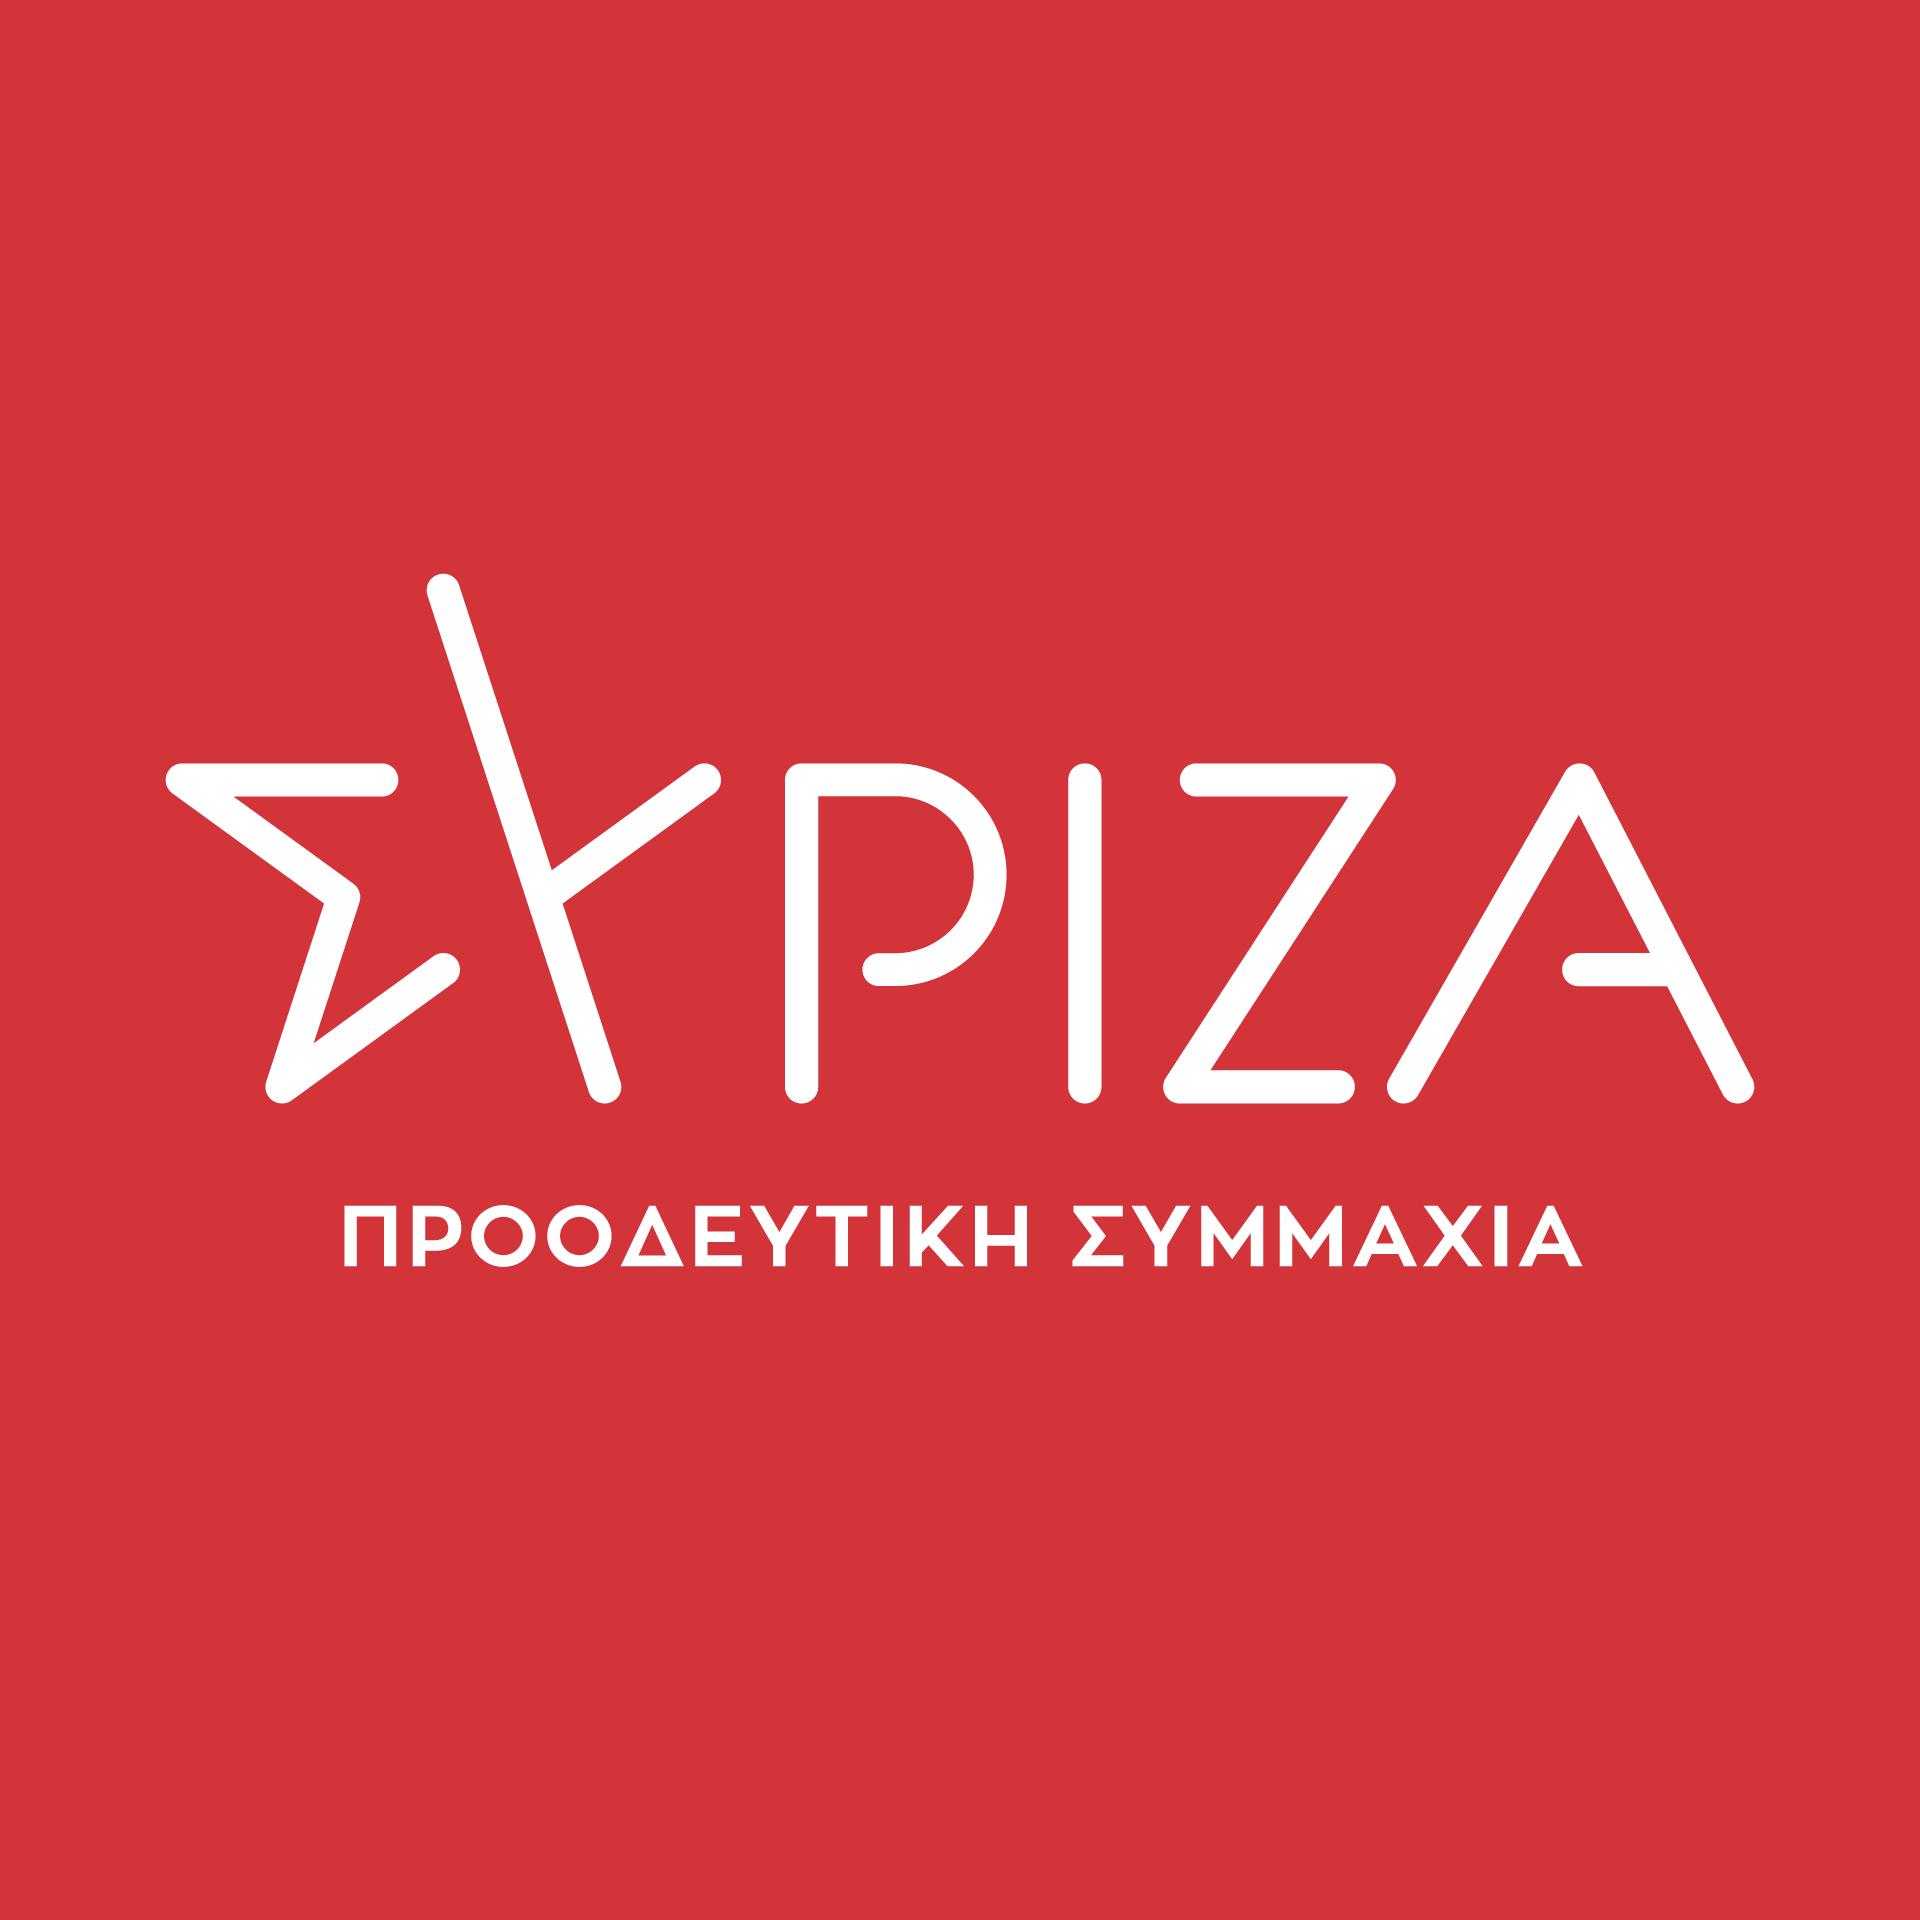 syriza-logo.jpg